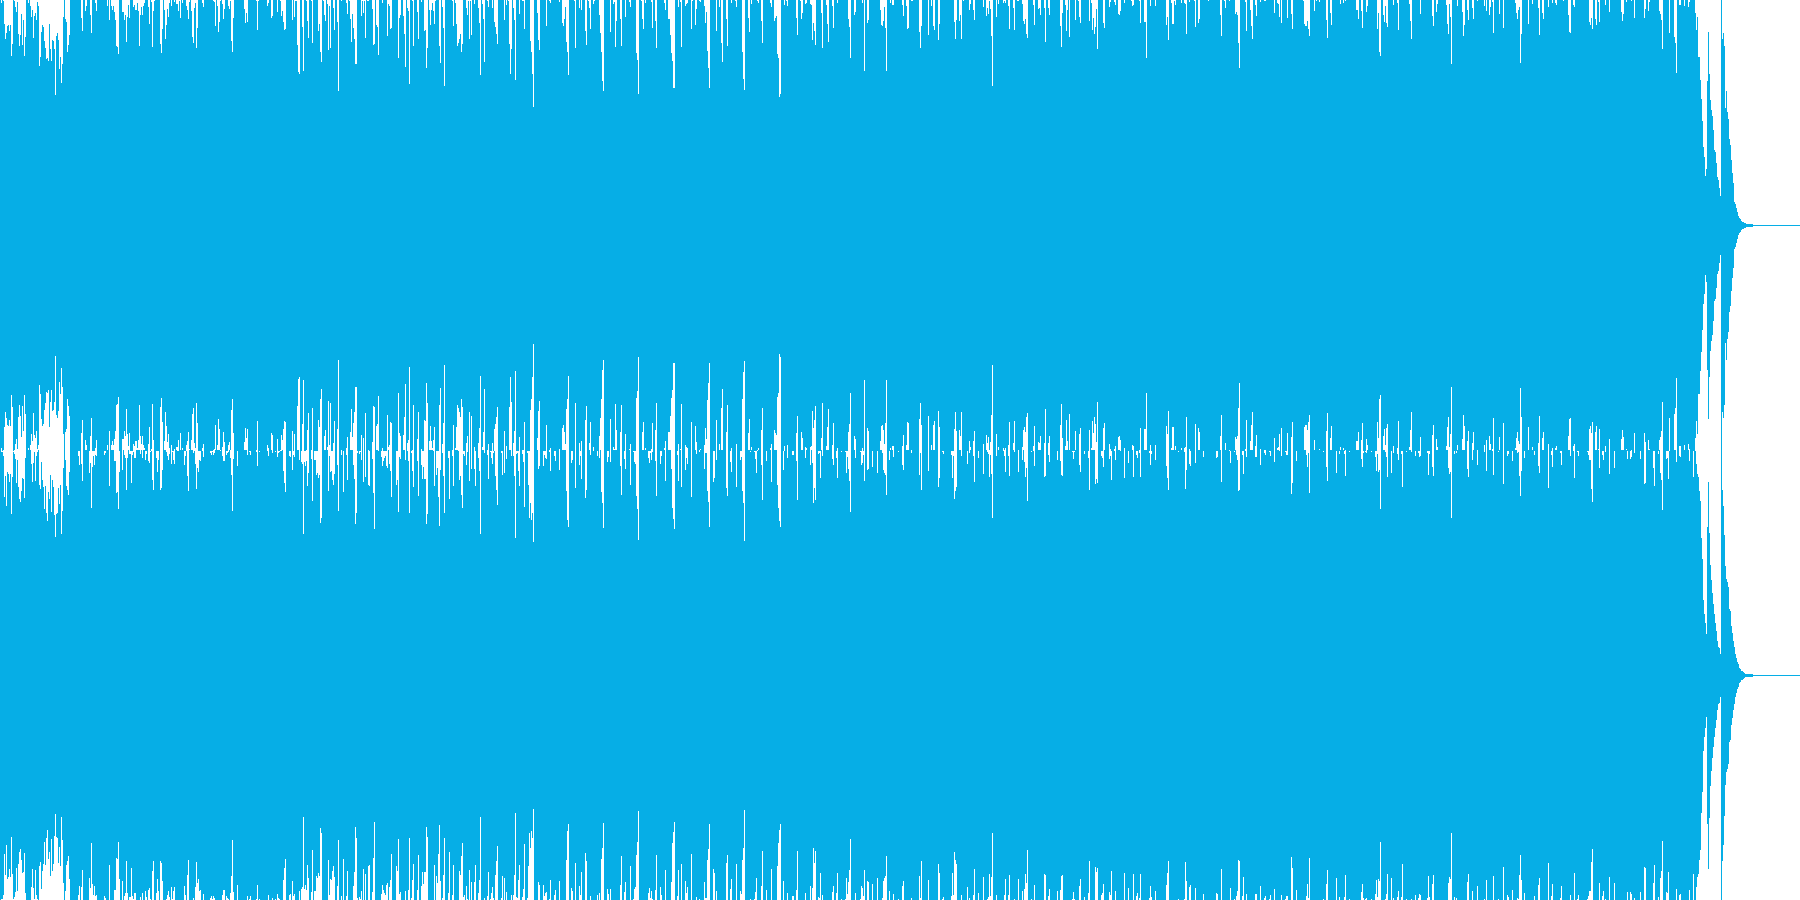 80年代ぽい哀愁なハウスミュージックの再生済みの波形